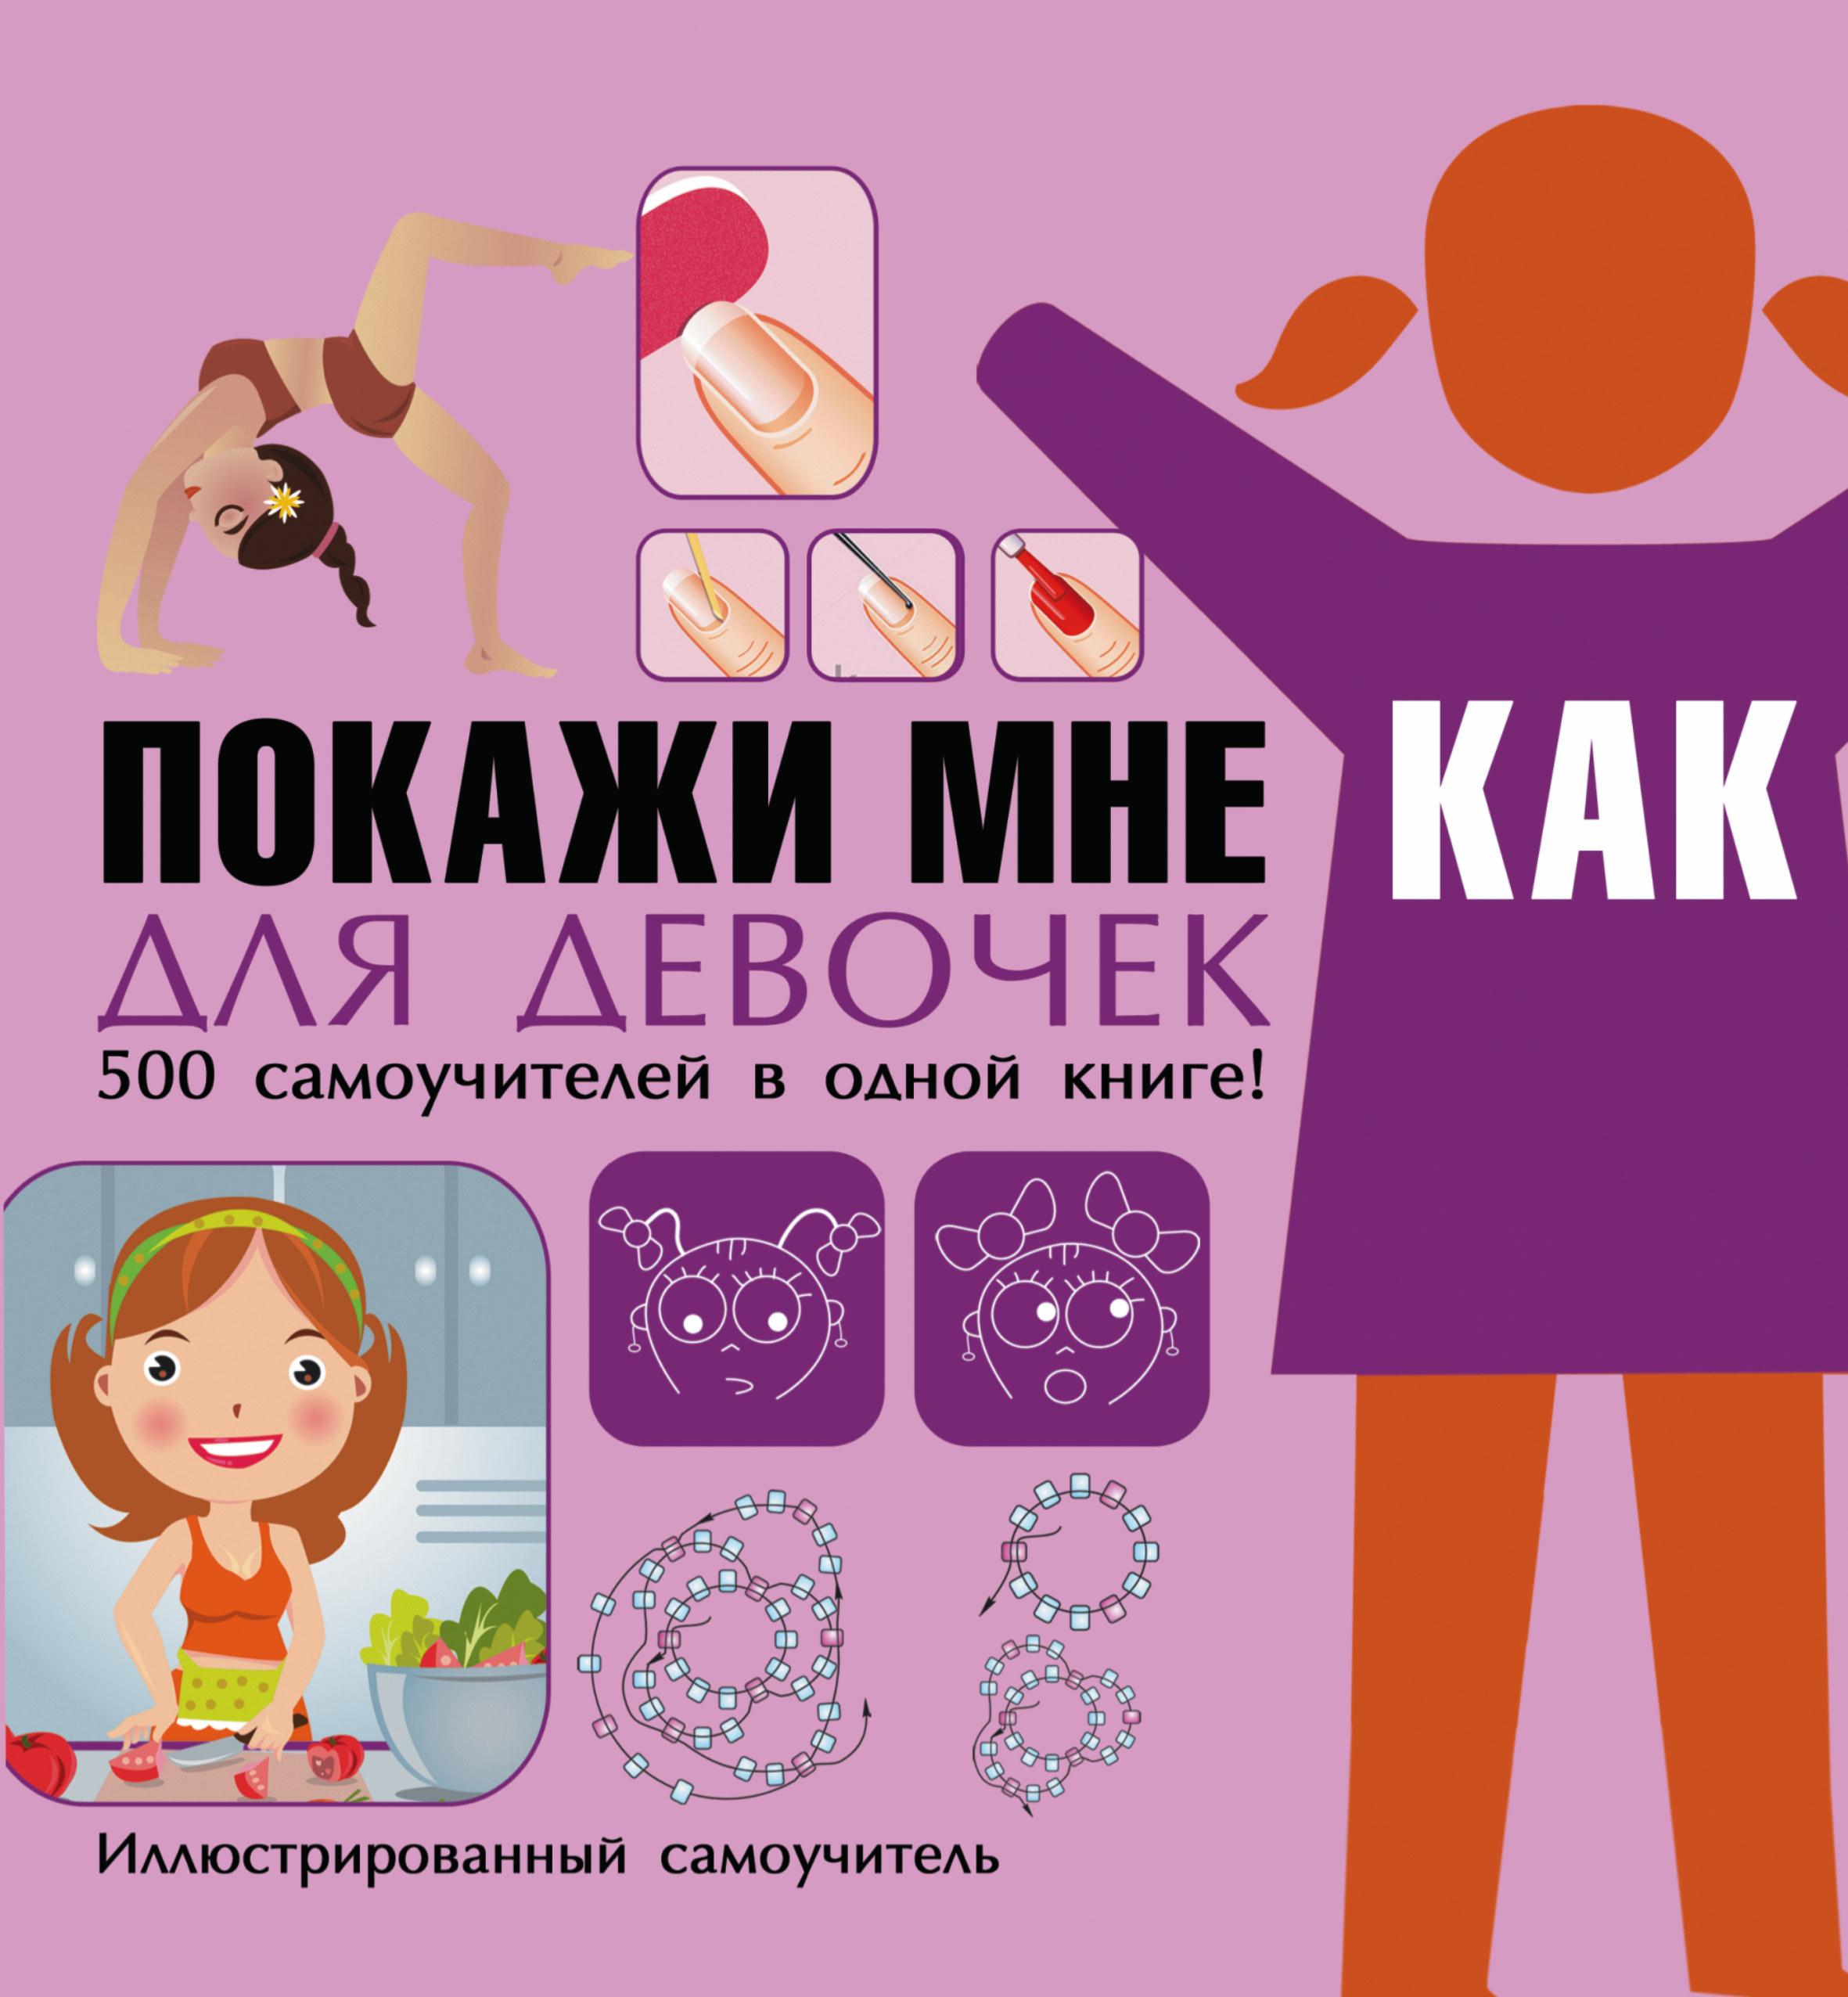 Покажи мне как. Для девочек от book24.ru